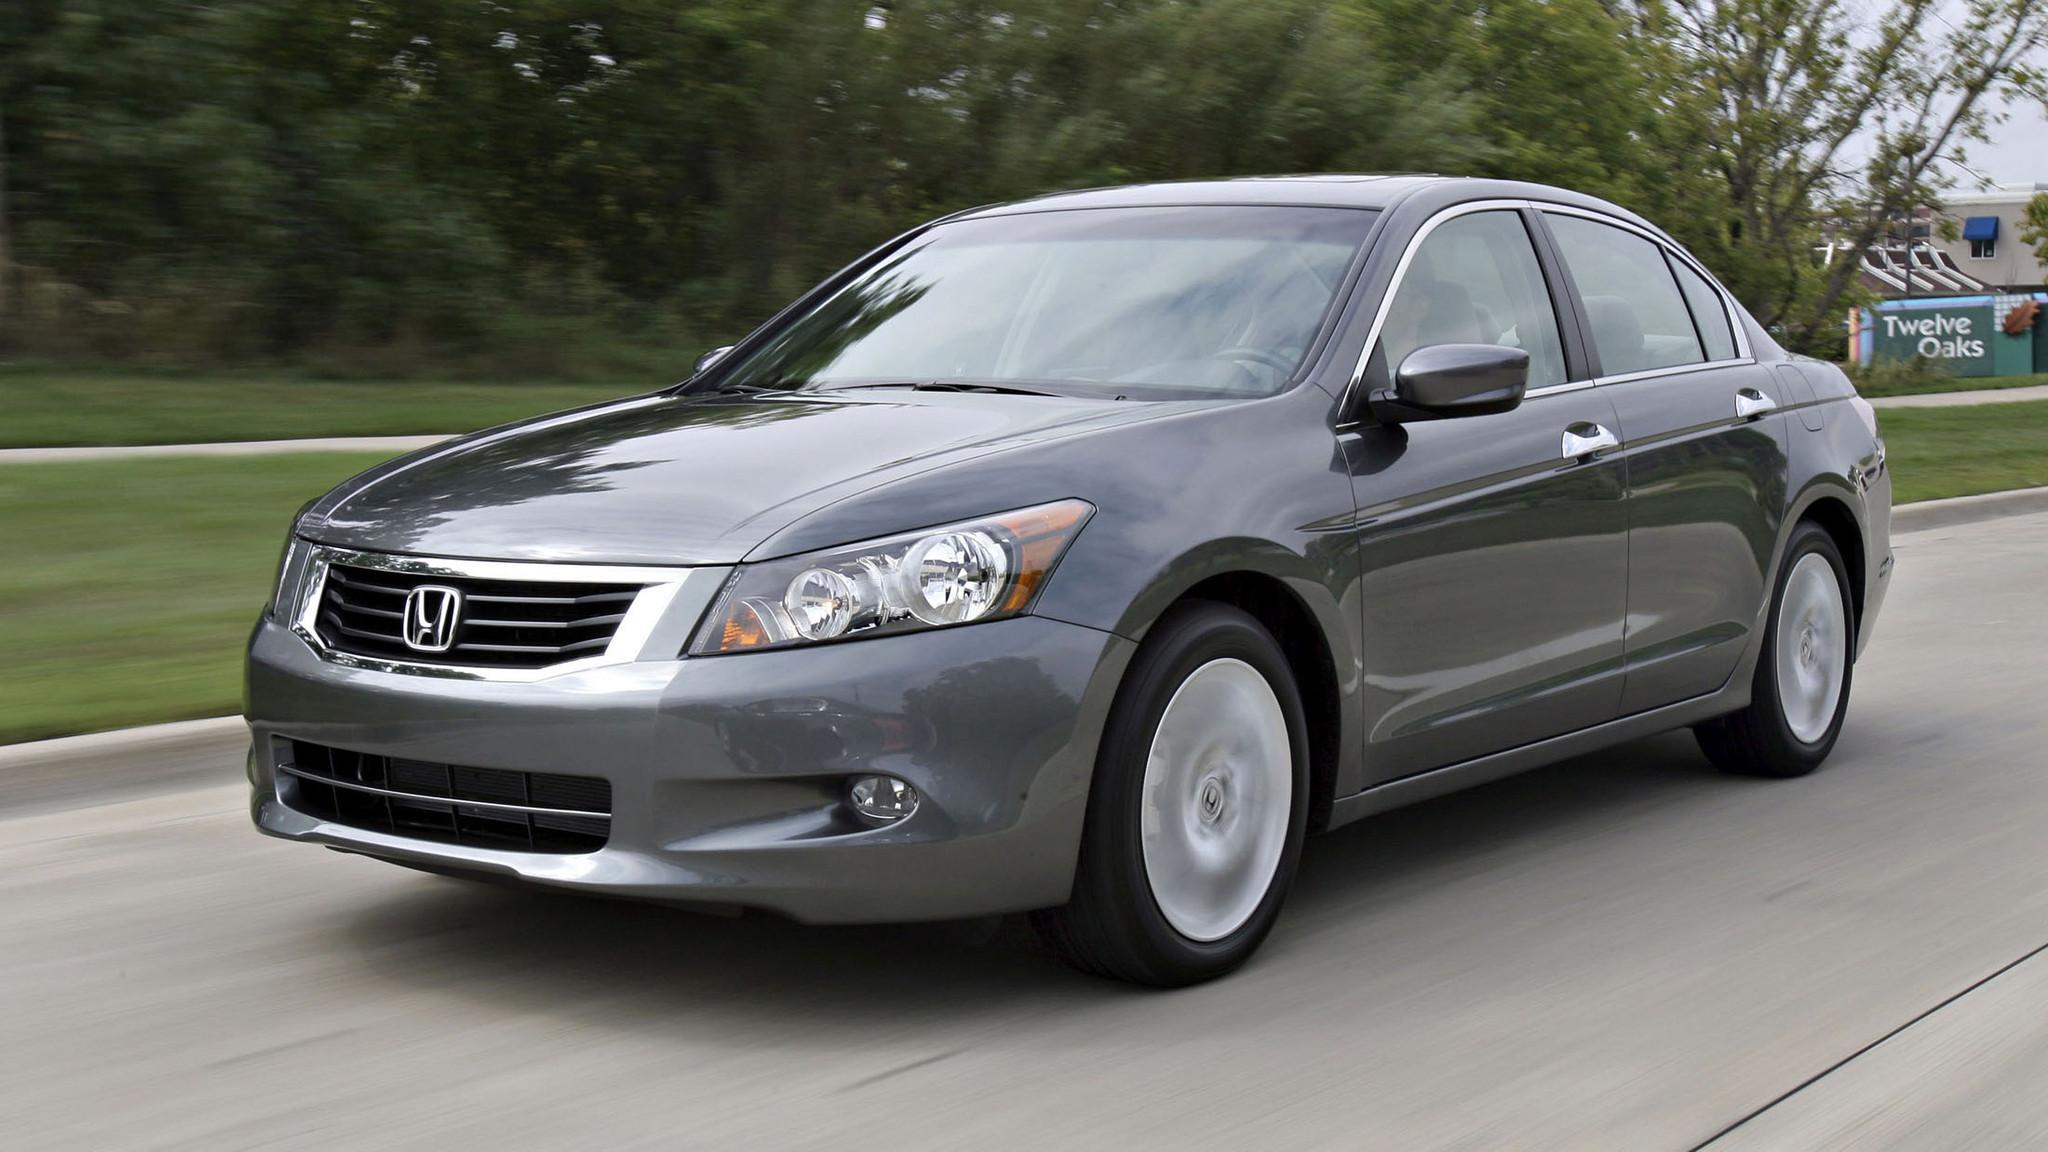 National Insurance Crime Bureau Most Stolen Cars